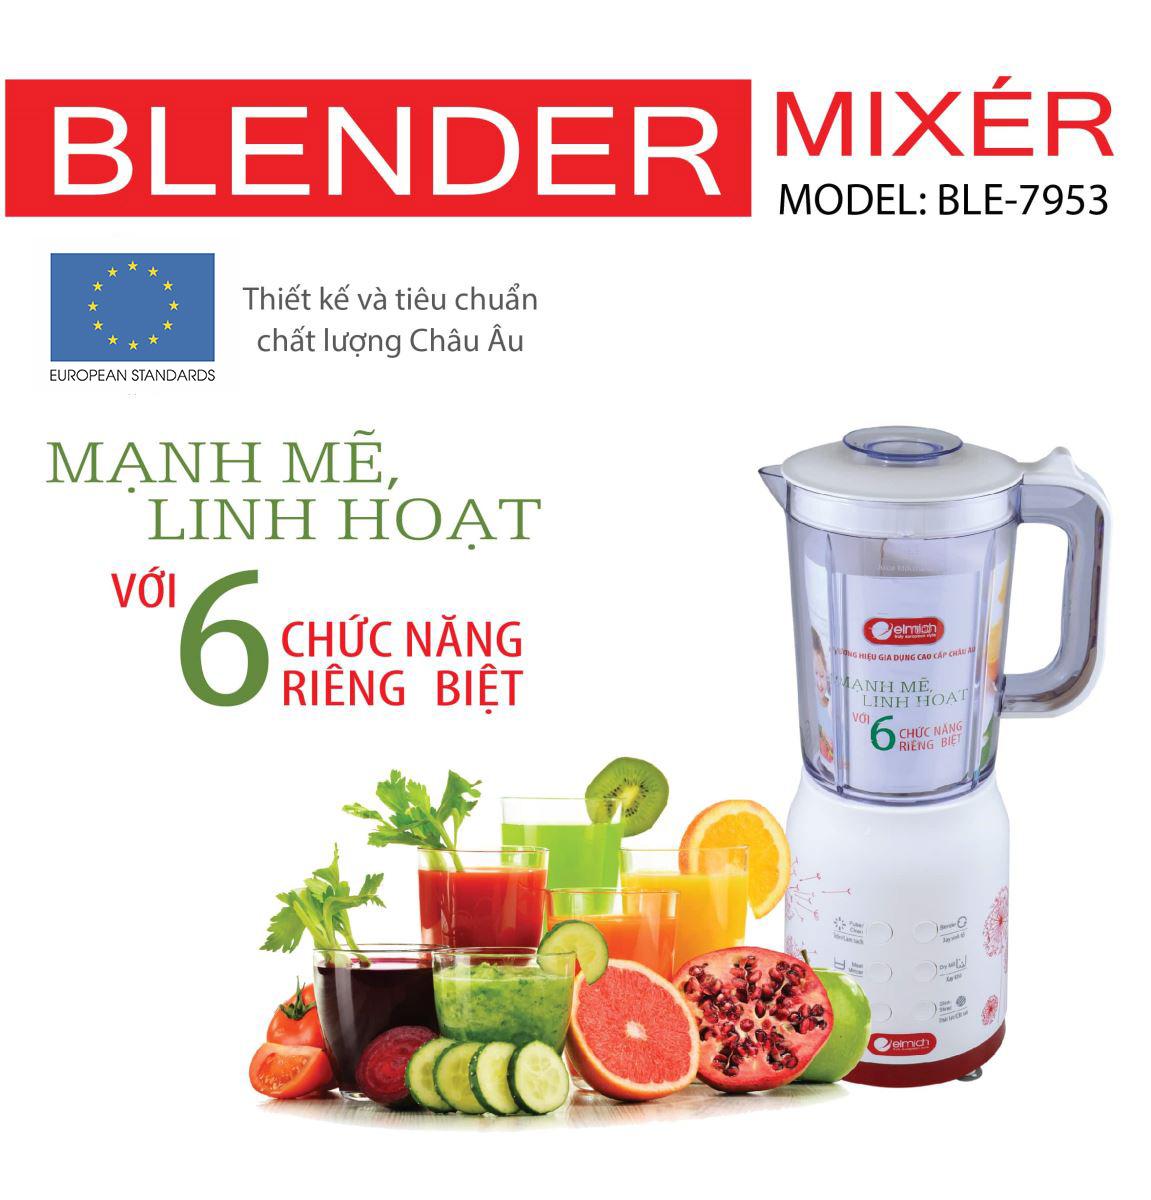 Máy xay sinh tố cao cấp Elmich BLE-7953 chuẩn chất lượng Châu Âu